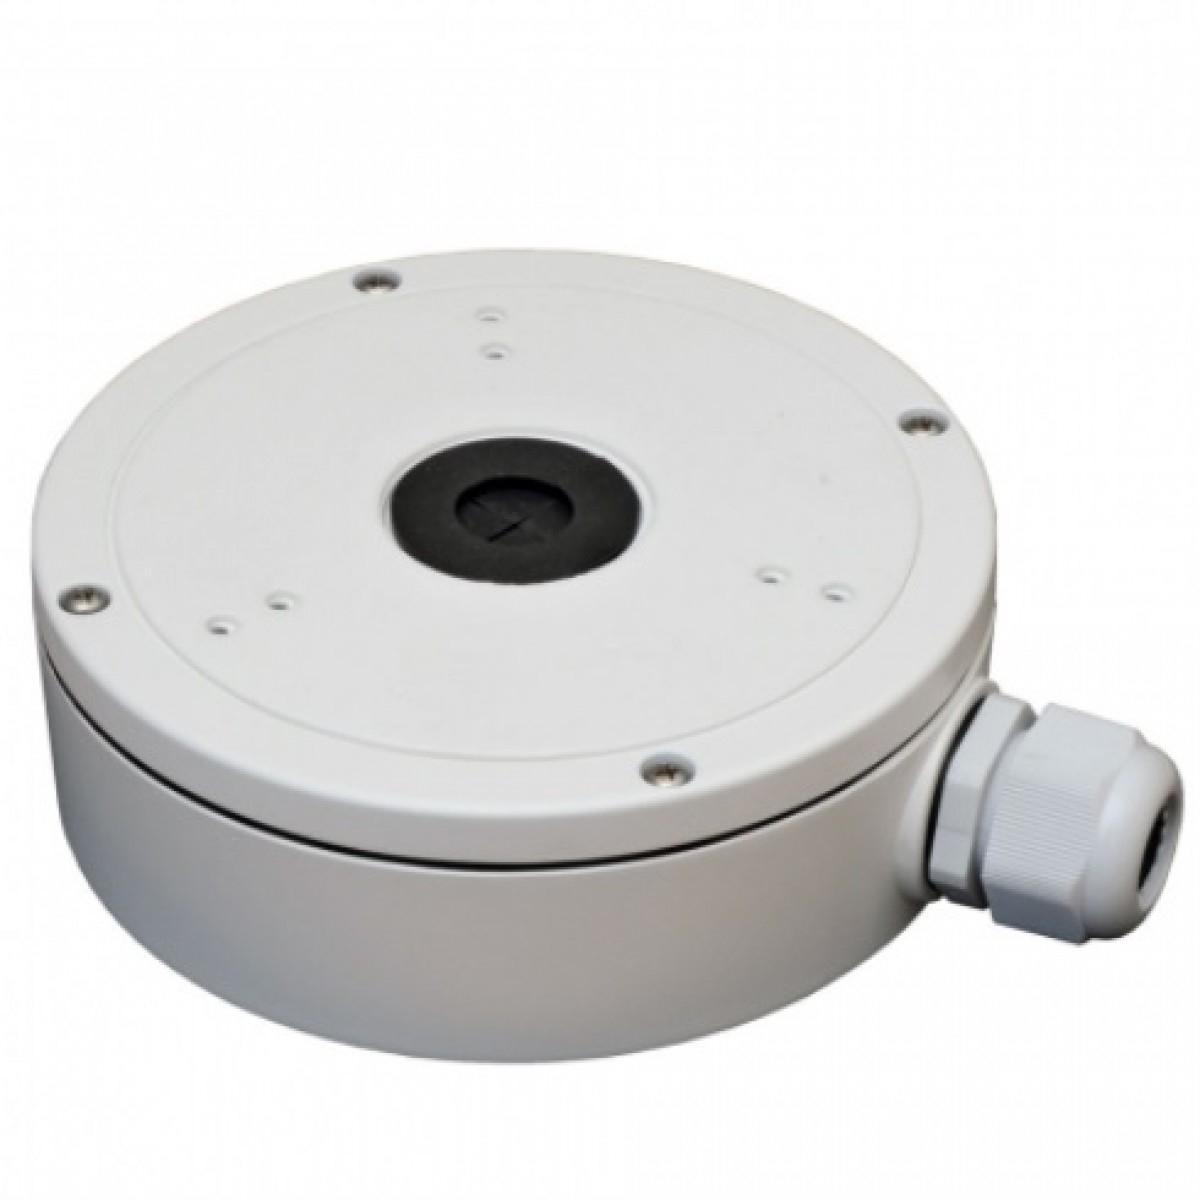 Εικόνα της DS-1280ZJ-M(SPTZ) Junction Box for Dome Camera